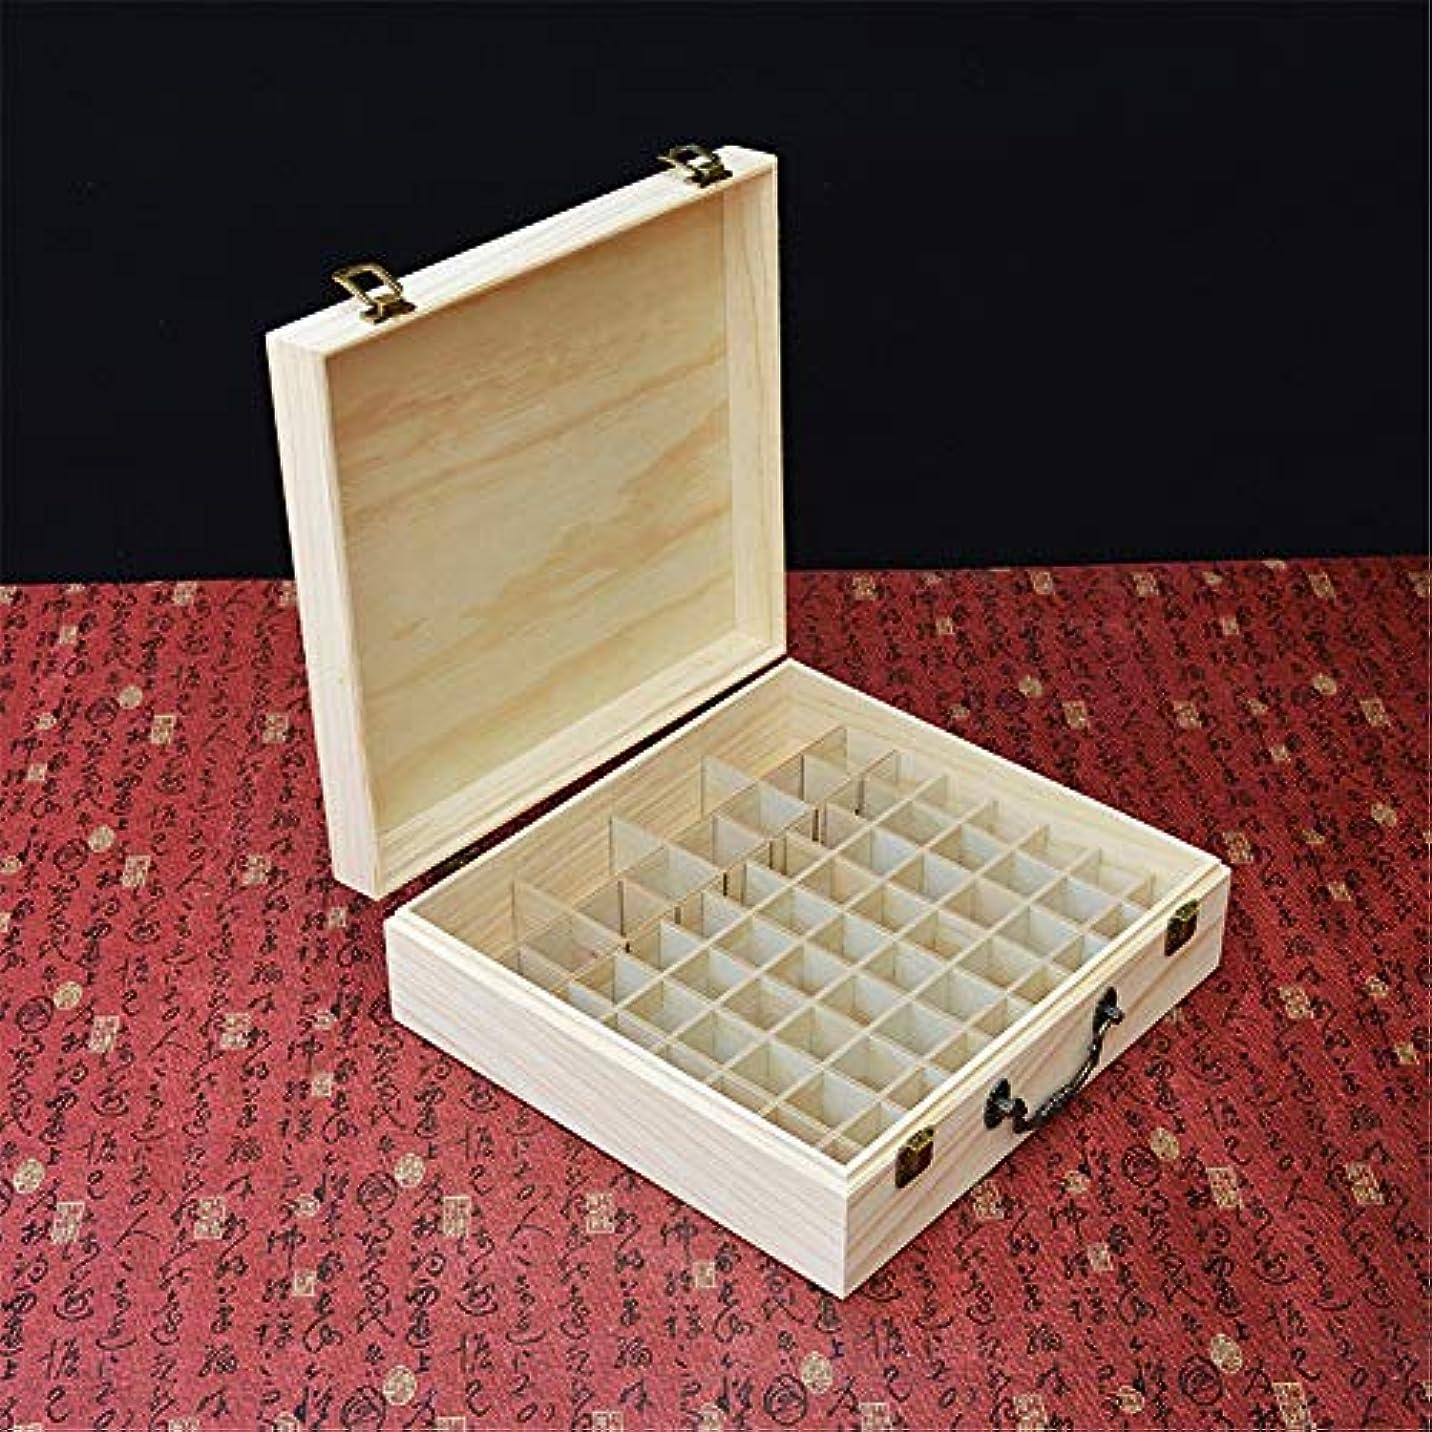 怒って硬さ無人エッセンシャルオイルの保管 旅行やプレゼンテーションのために66スロット木製エッセンシャルオイルストレージボックスパーフェクト (色 : Natural, サイズ : 31.5X29X10CM)